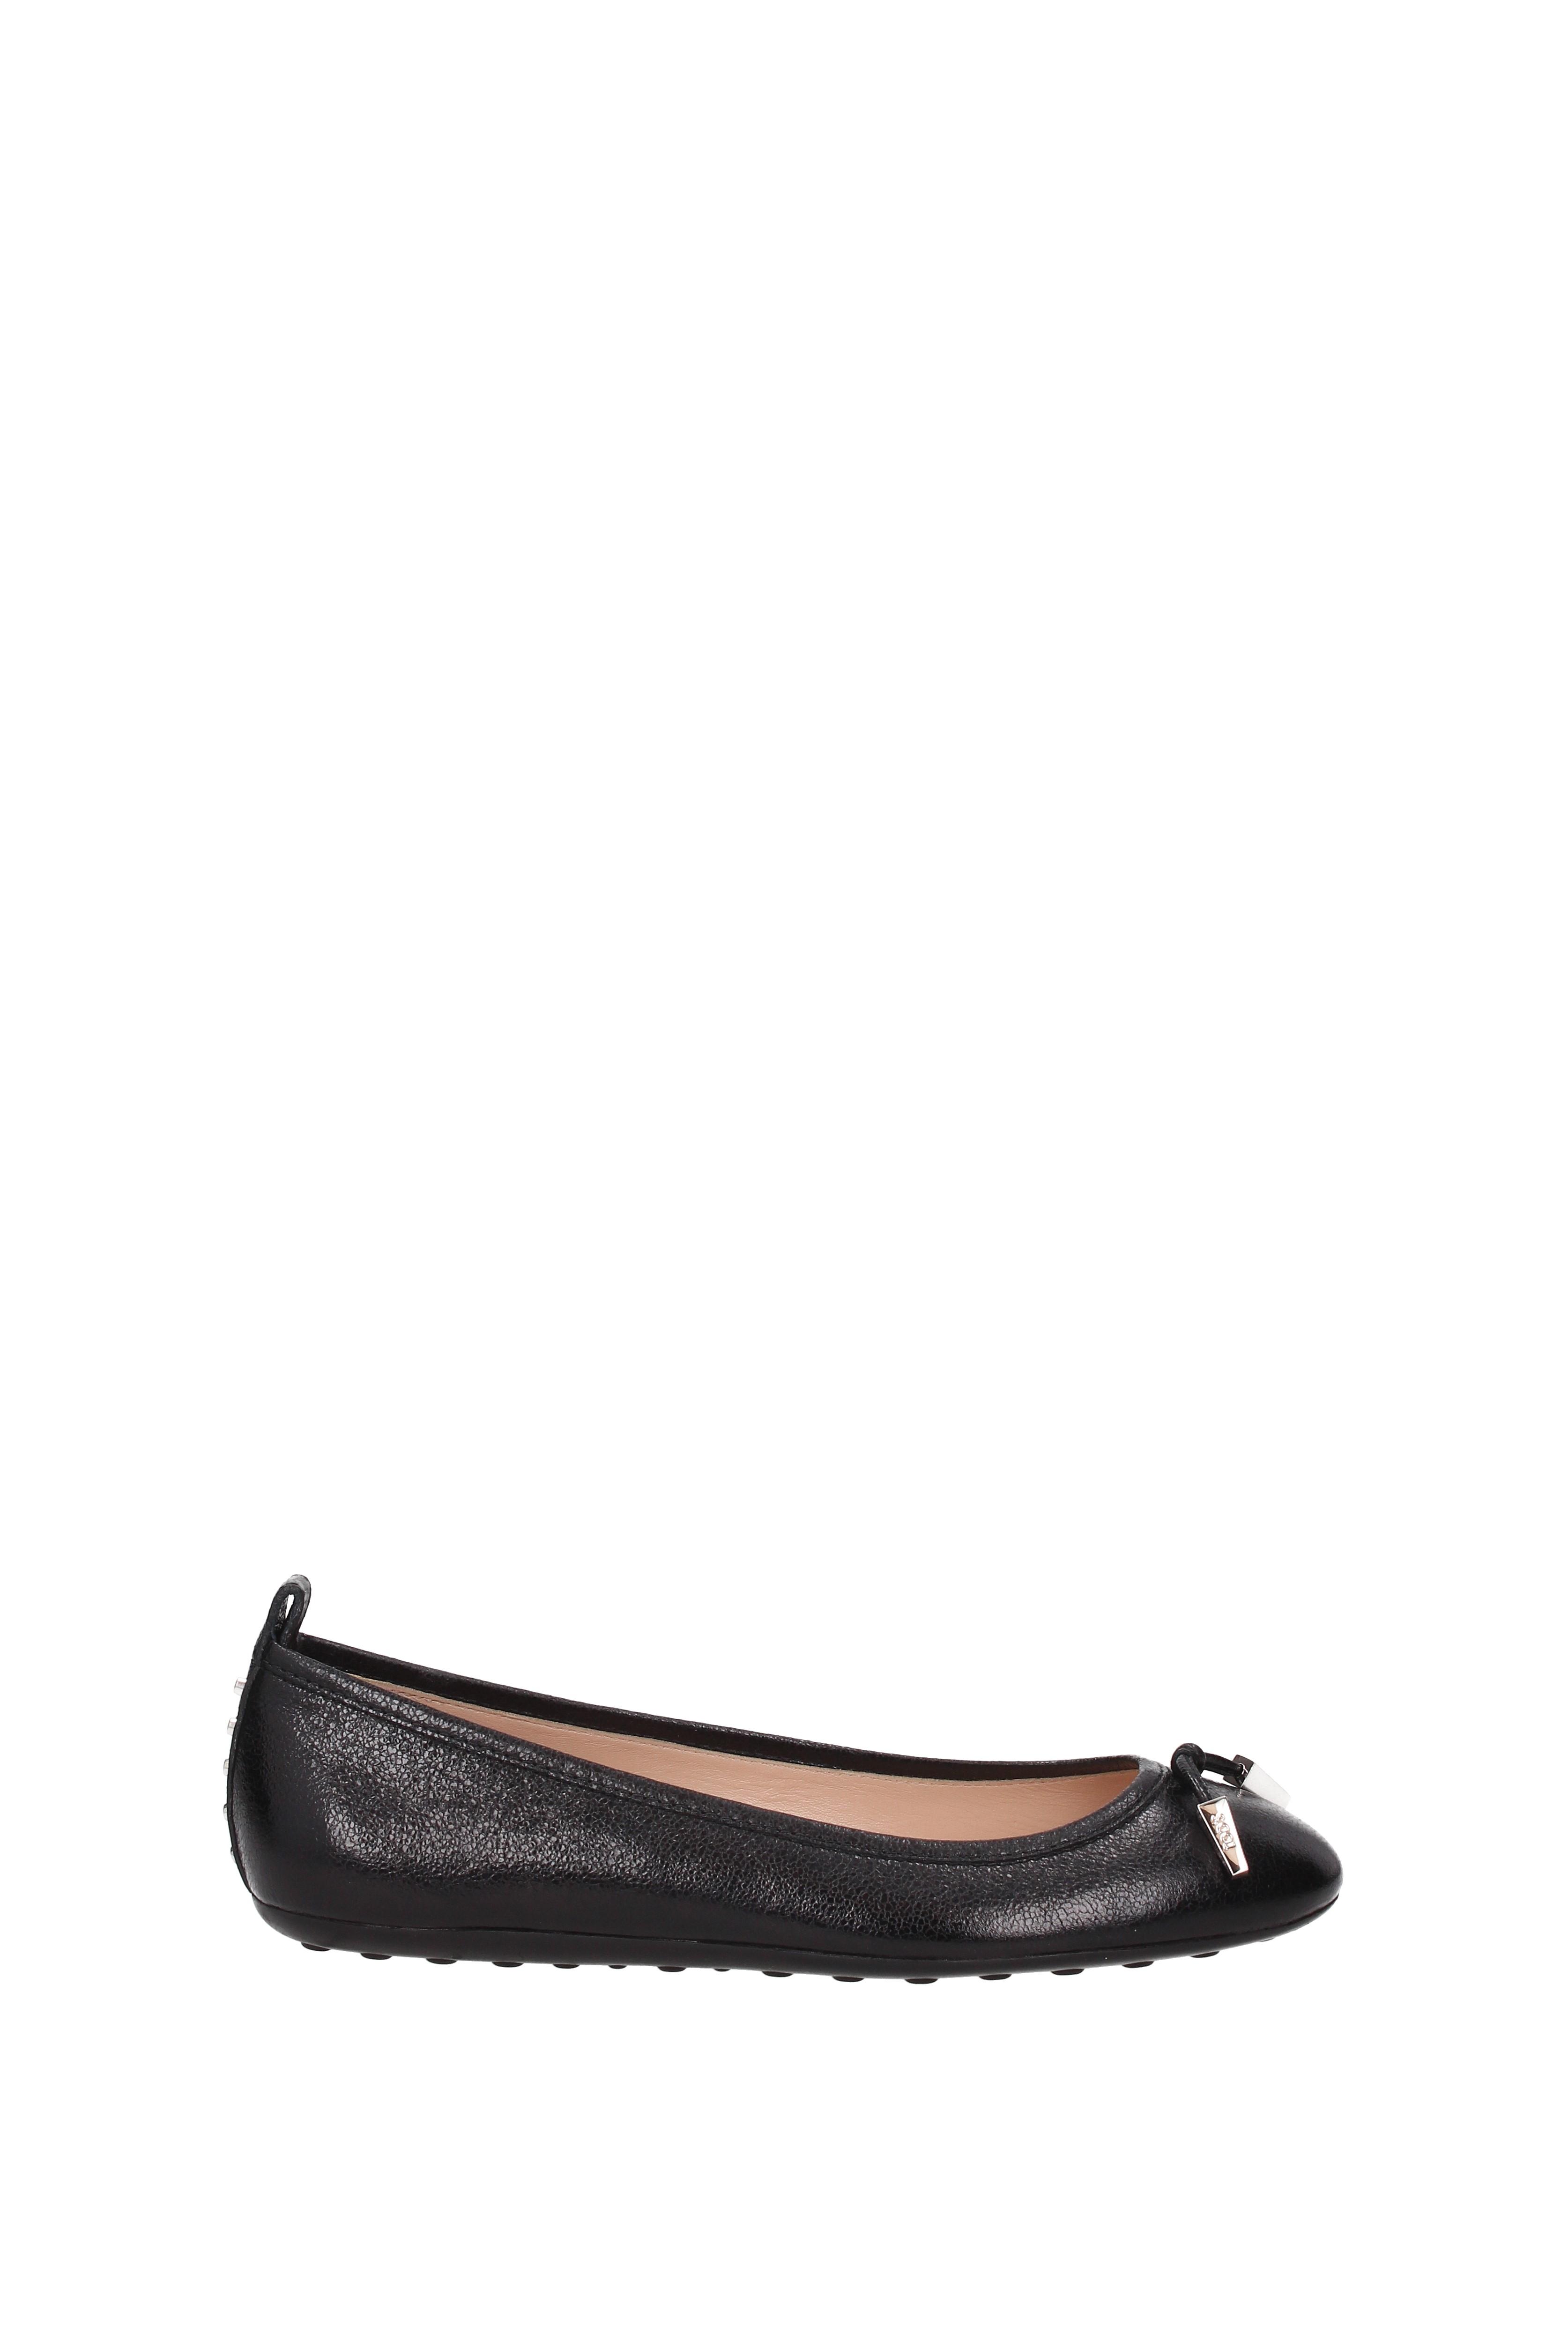 Ballet Zapatos sin Taco Sin Tod'S Mujer Cuero (XXW0YH0P770MEC) - (XXW0YH0P770MEC) Cuero 342c0c